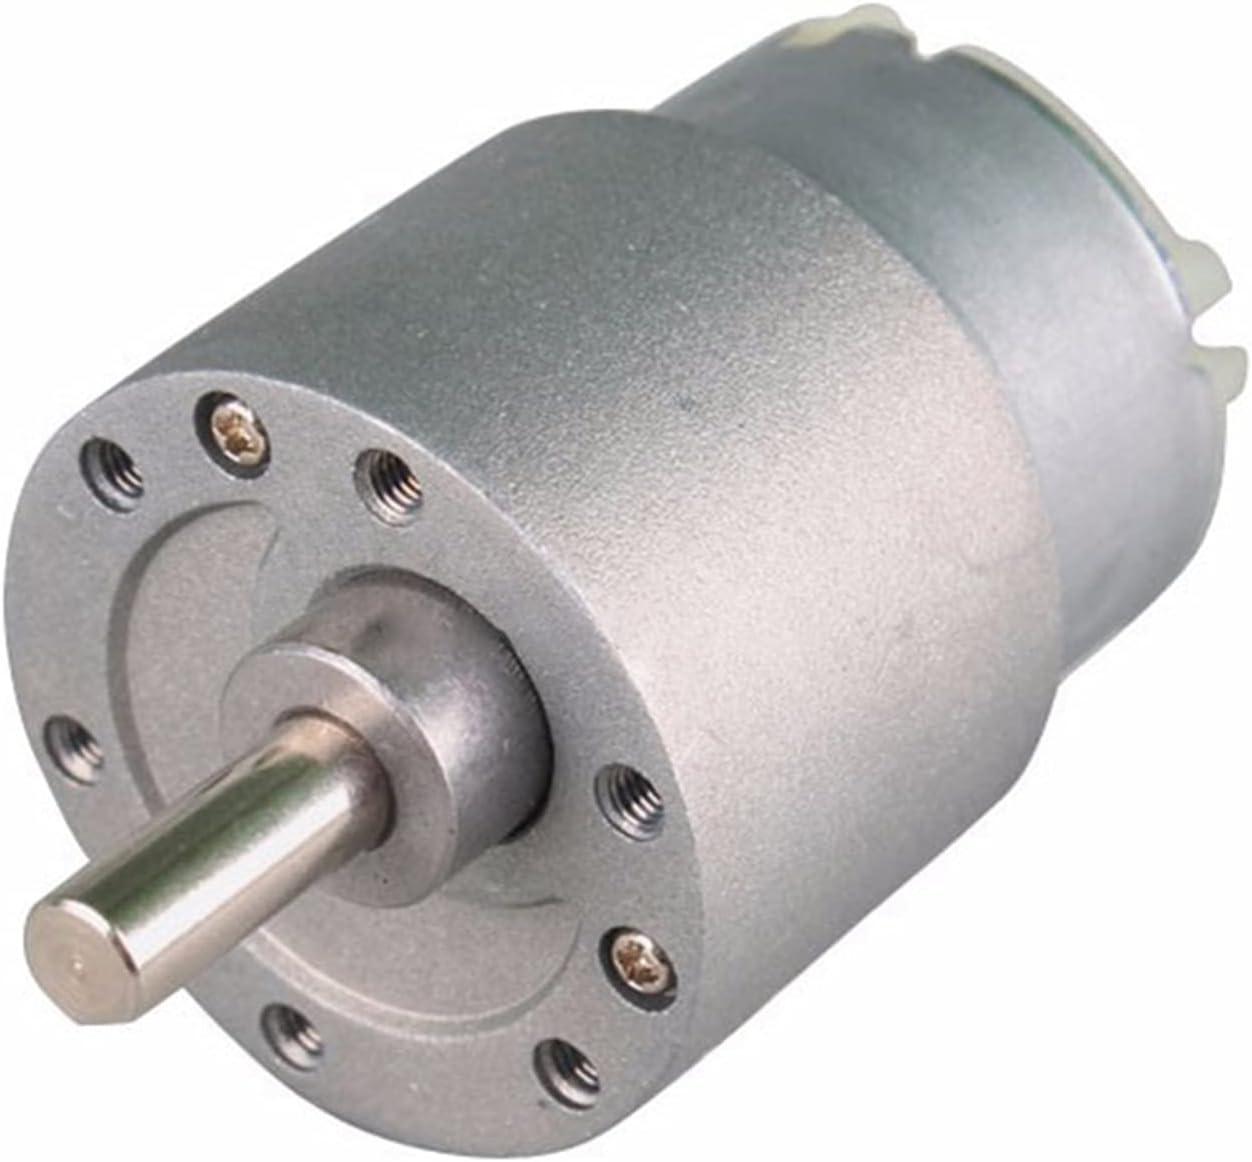 Gfpql WYanHua-Motor Motor invertido de reducción, 3 7GB-500 Motor engranado, DC 12V 6V 3.5-50 0RPM, Eléctrico DC 12 Motor voltio Mini Precisión (Speed(RPM) : 12v 80rpm)